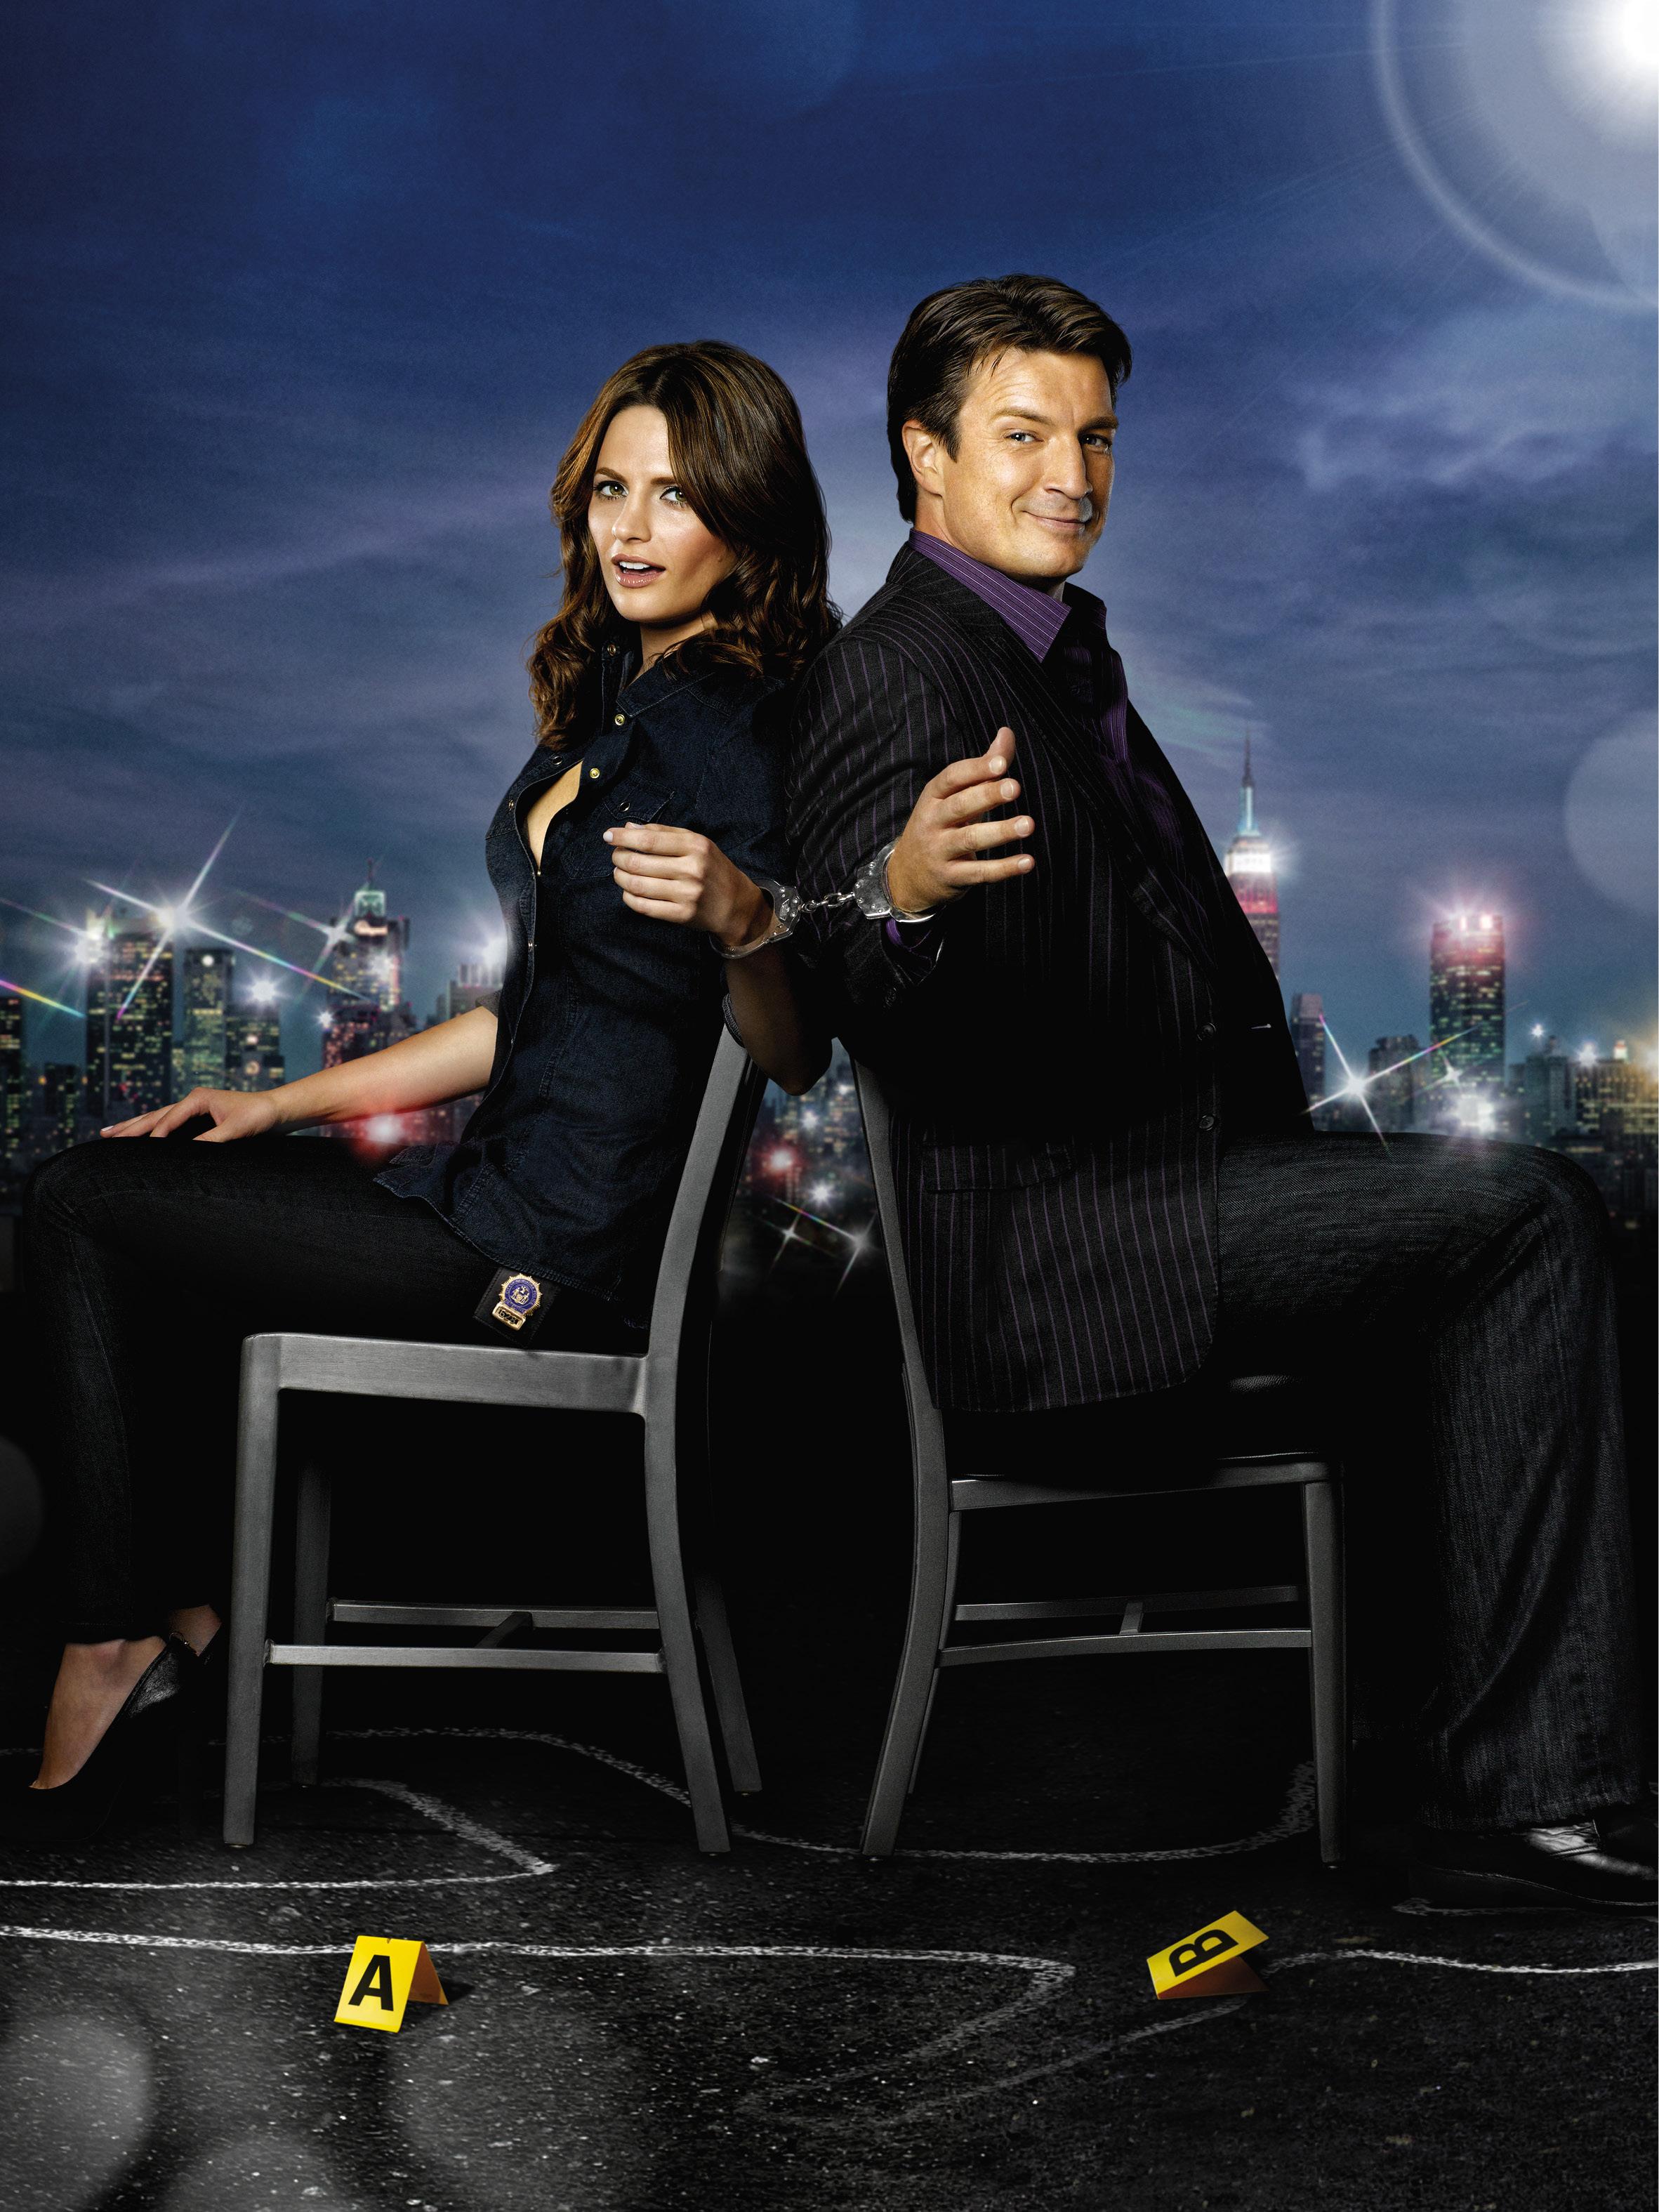 плакат фильма постер сезон 3 textless Касл